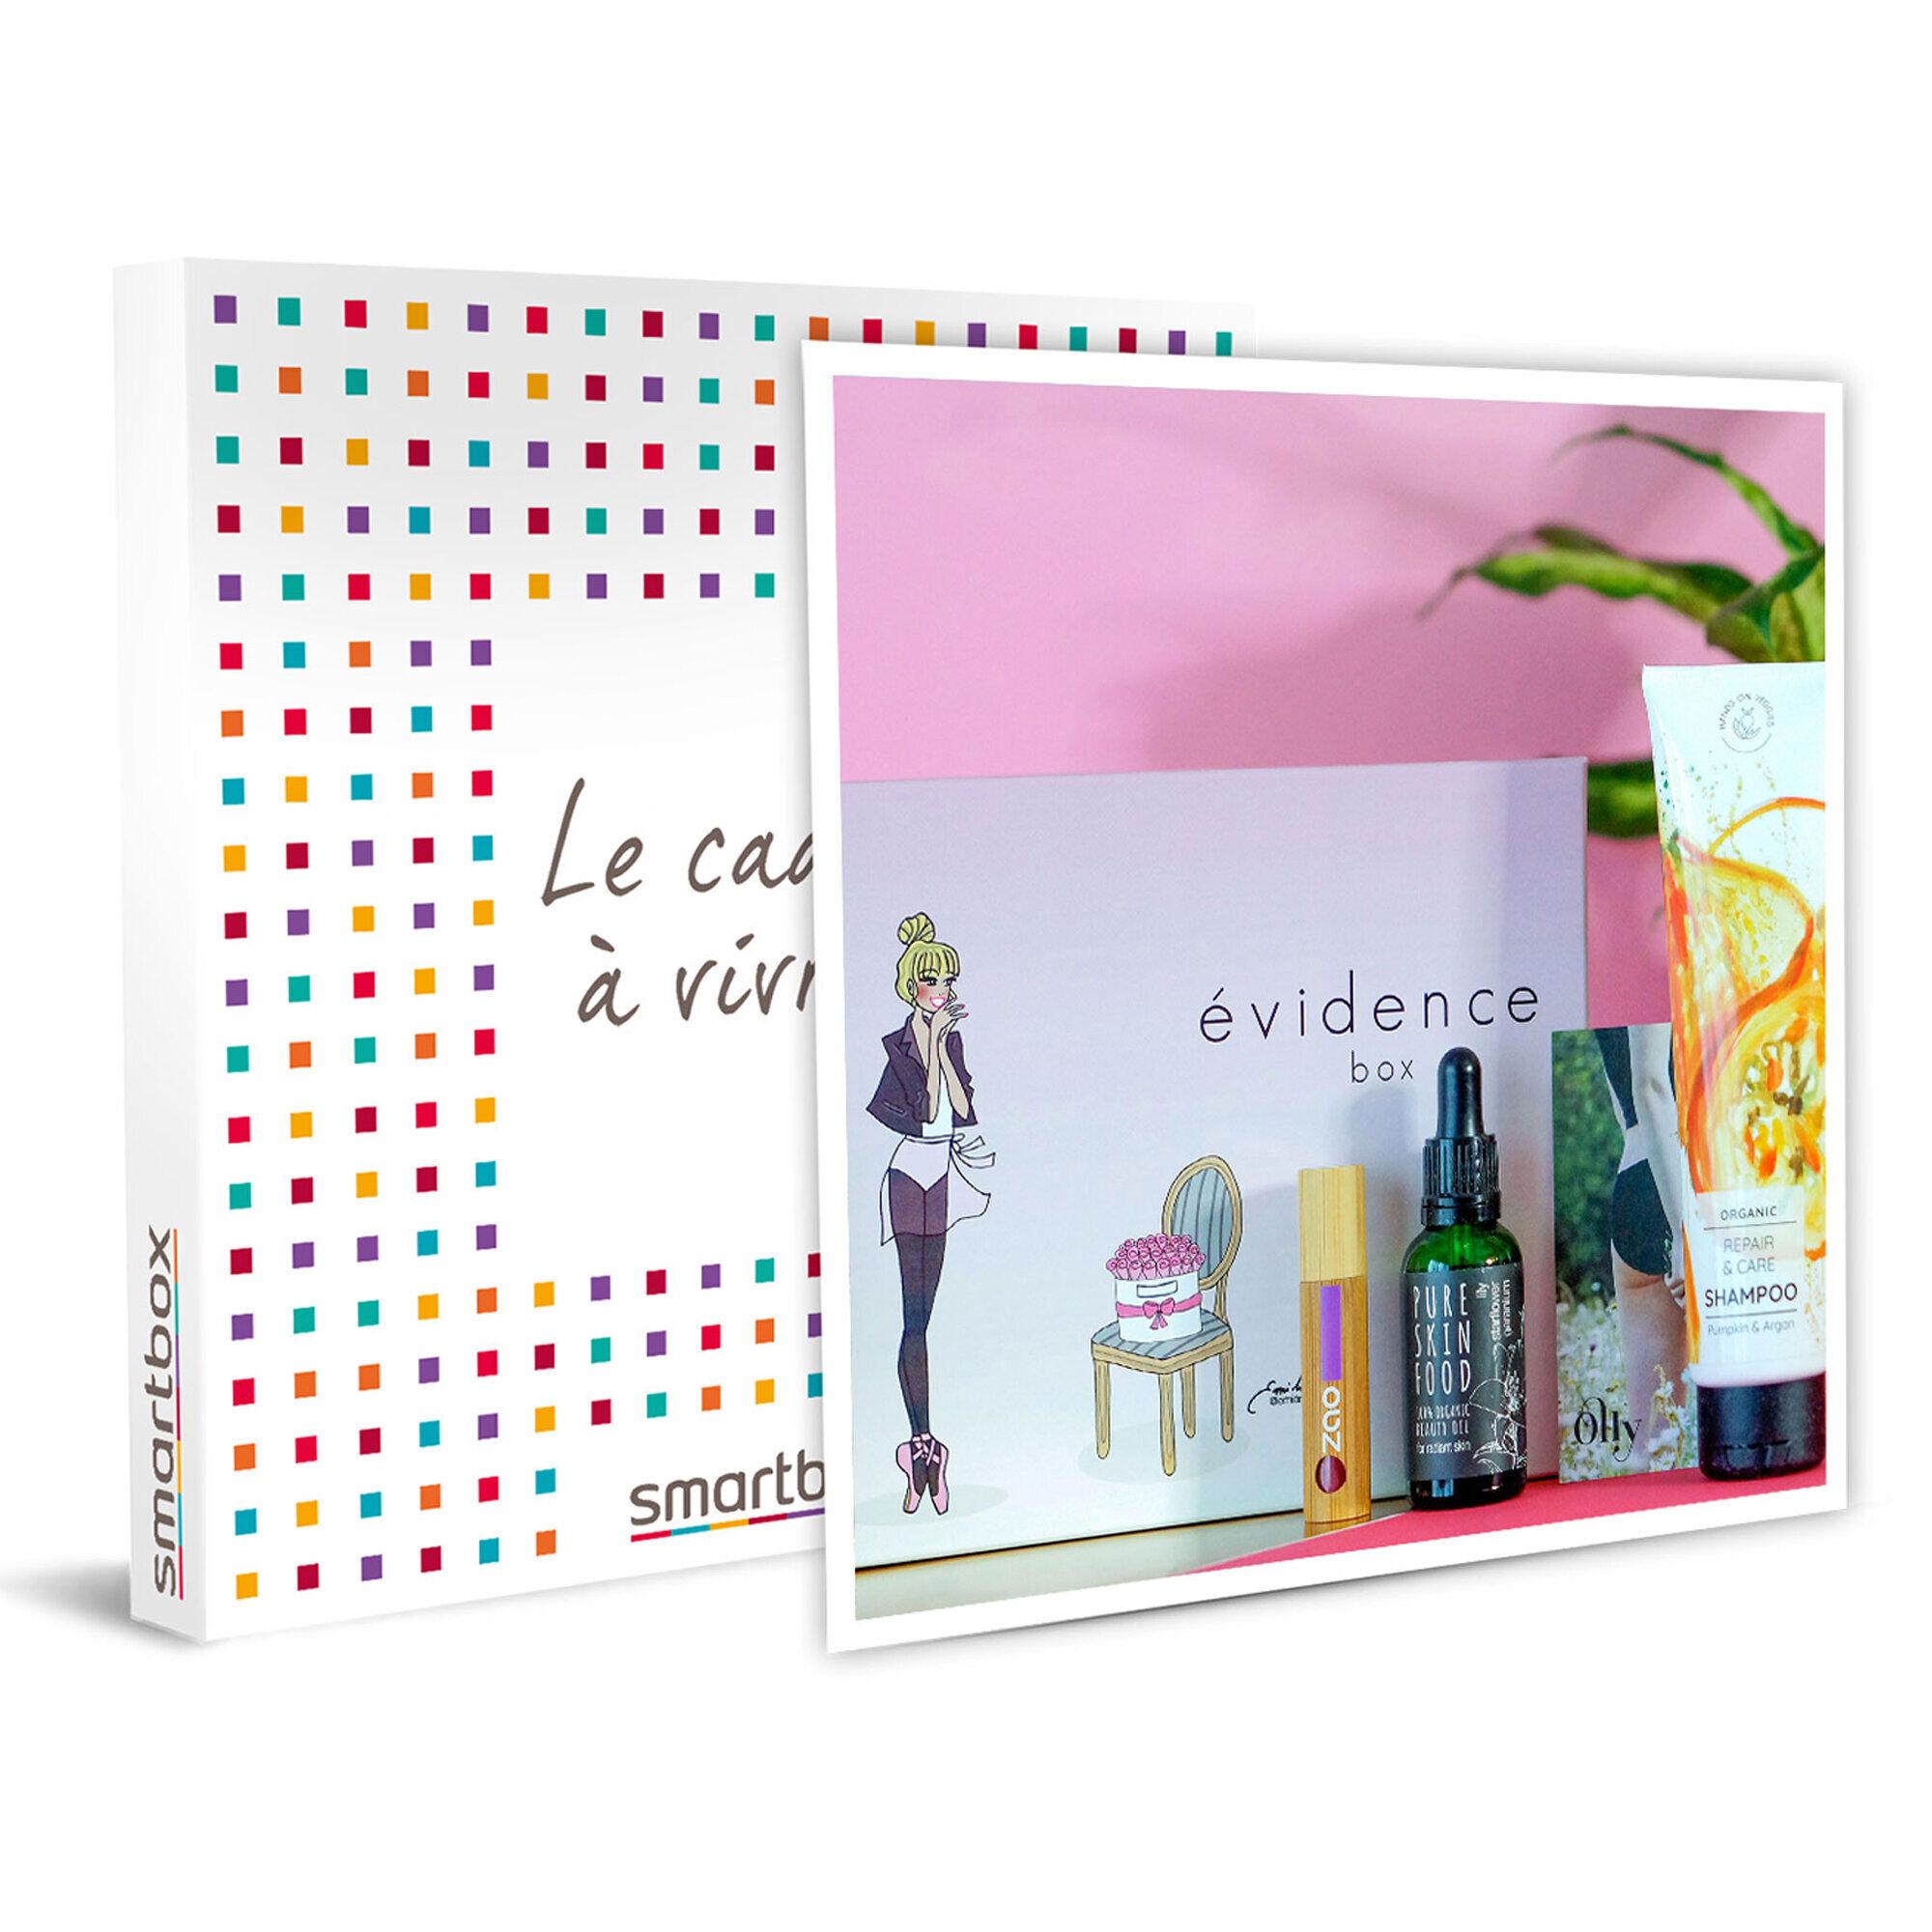 Smartbox Box de cosmétiques bio à domicile Coffret cadeau Smartbox